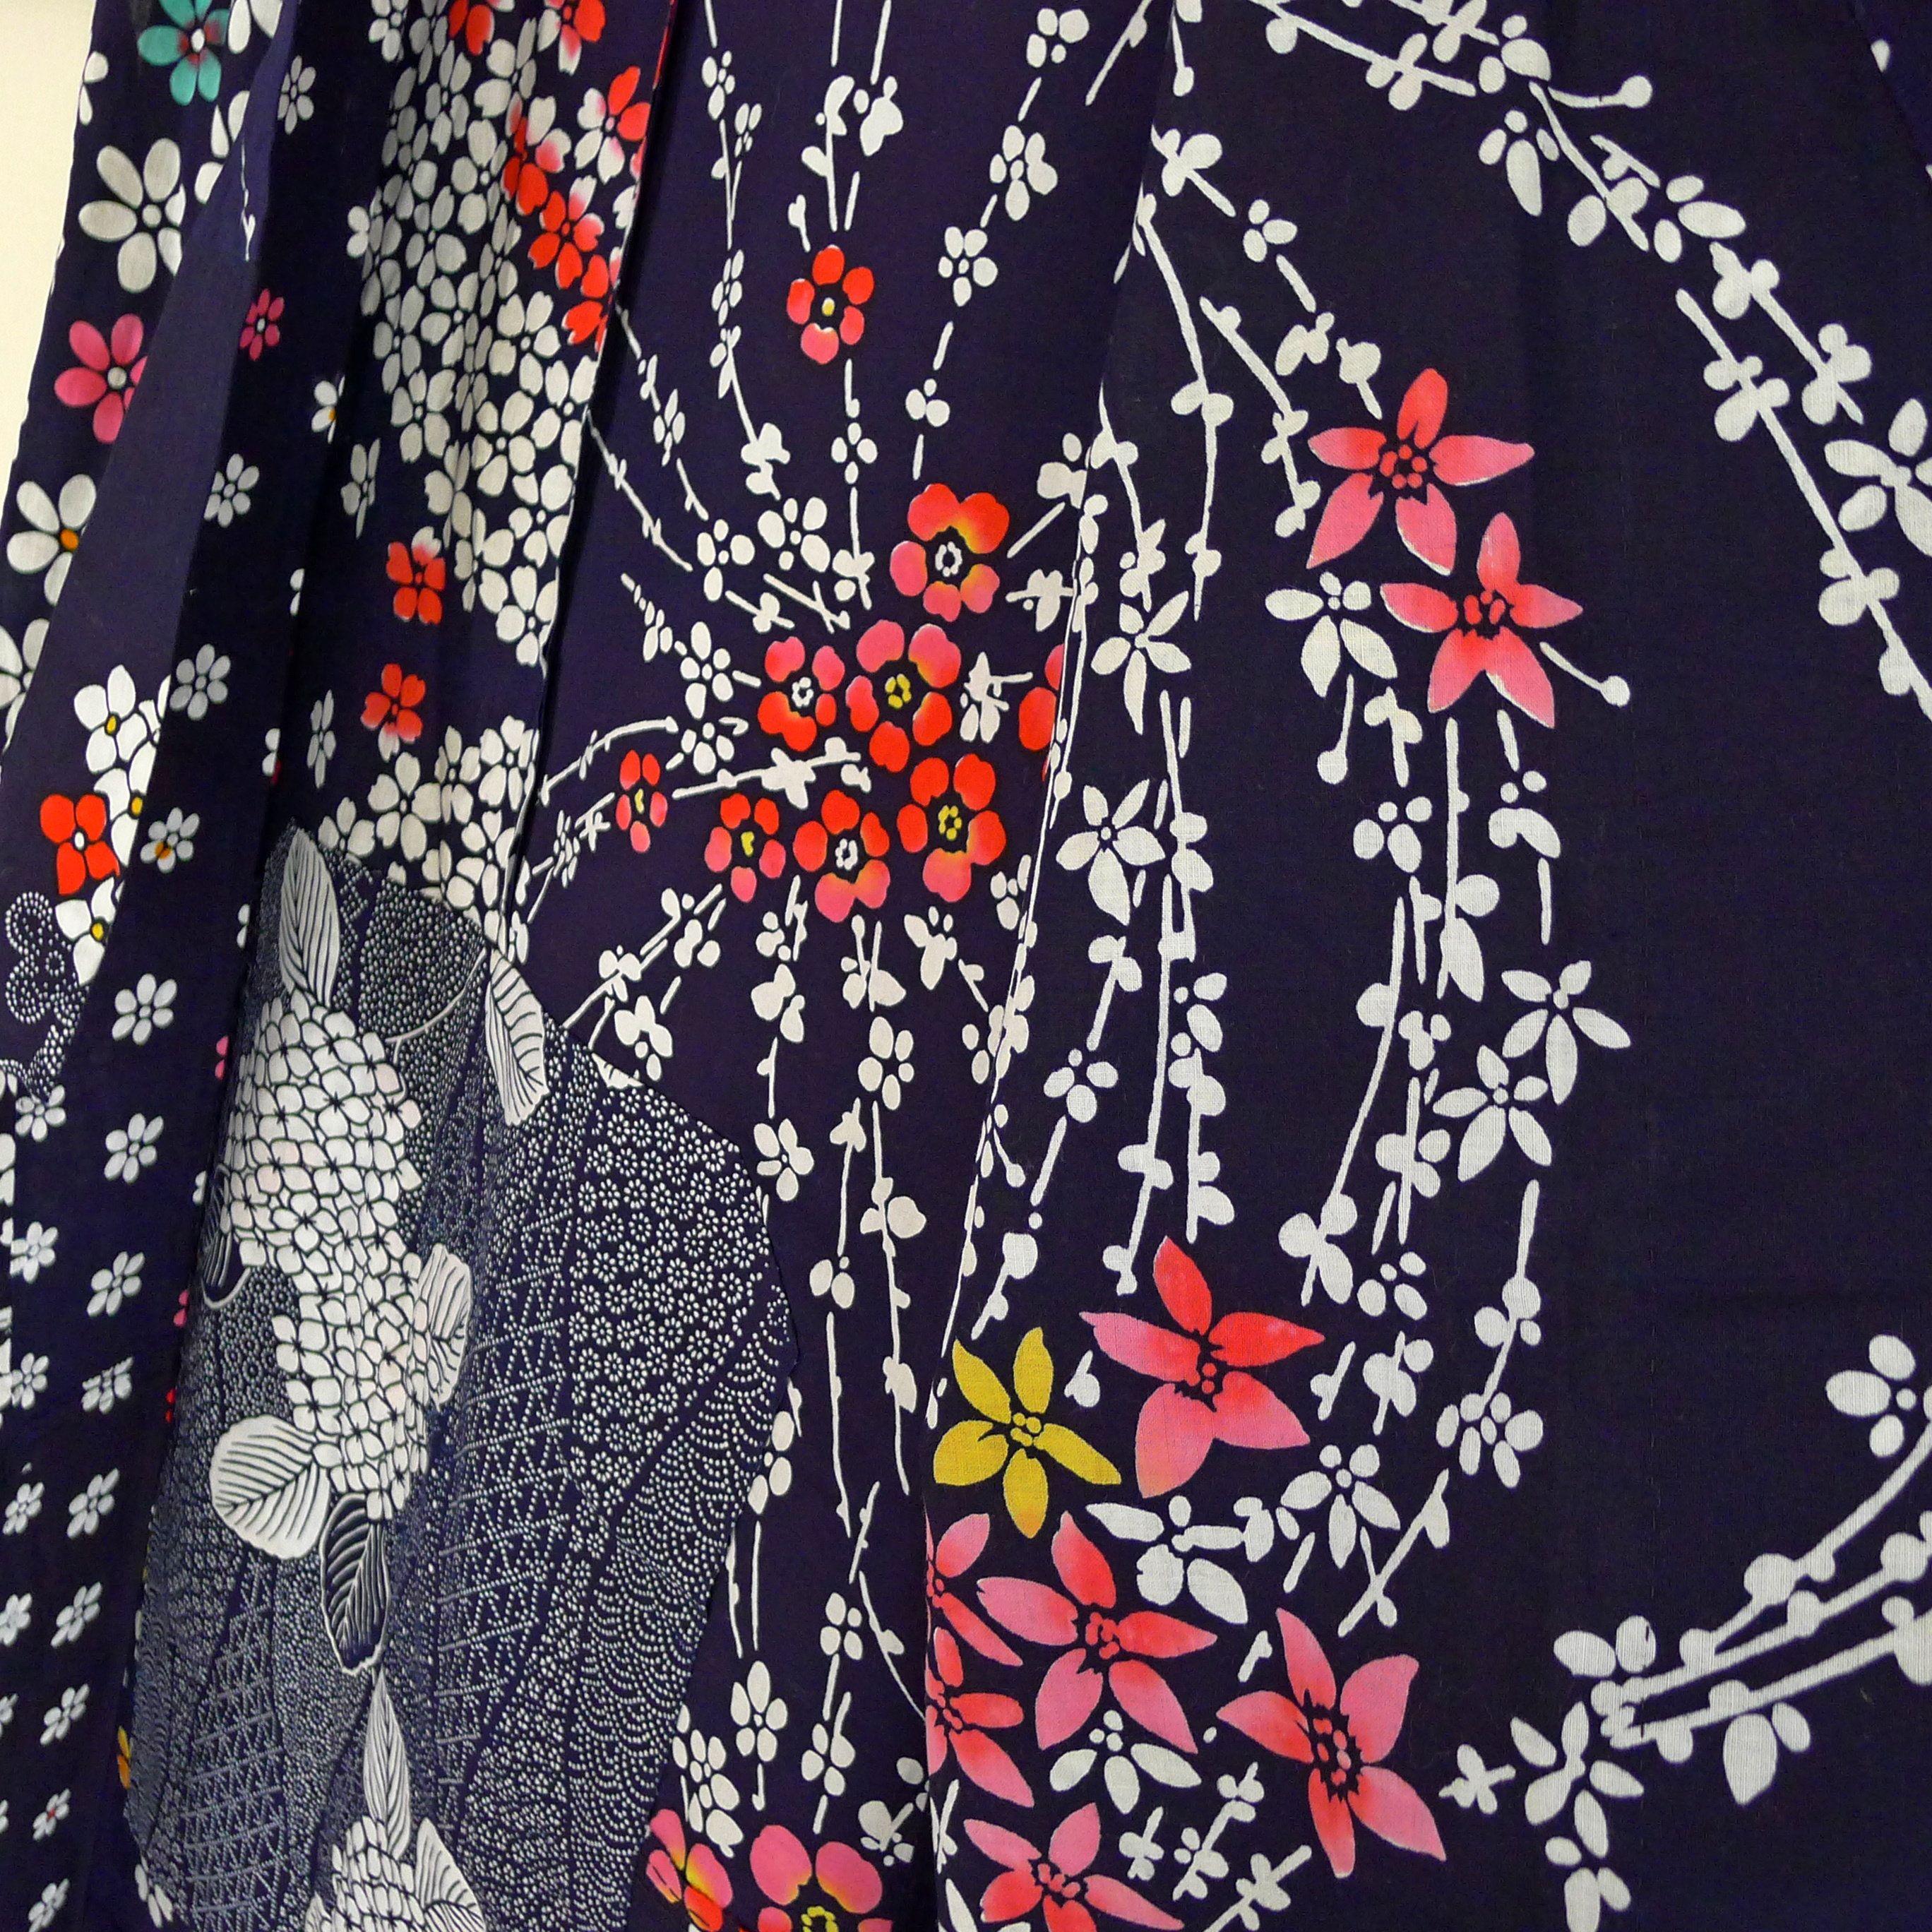 Floral Yukata for women Japanese kimono robe, bath robe